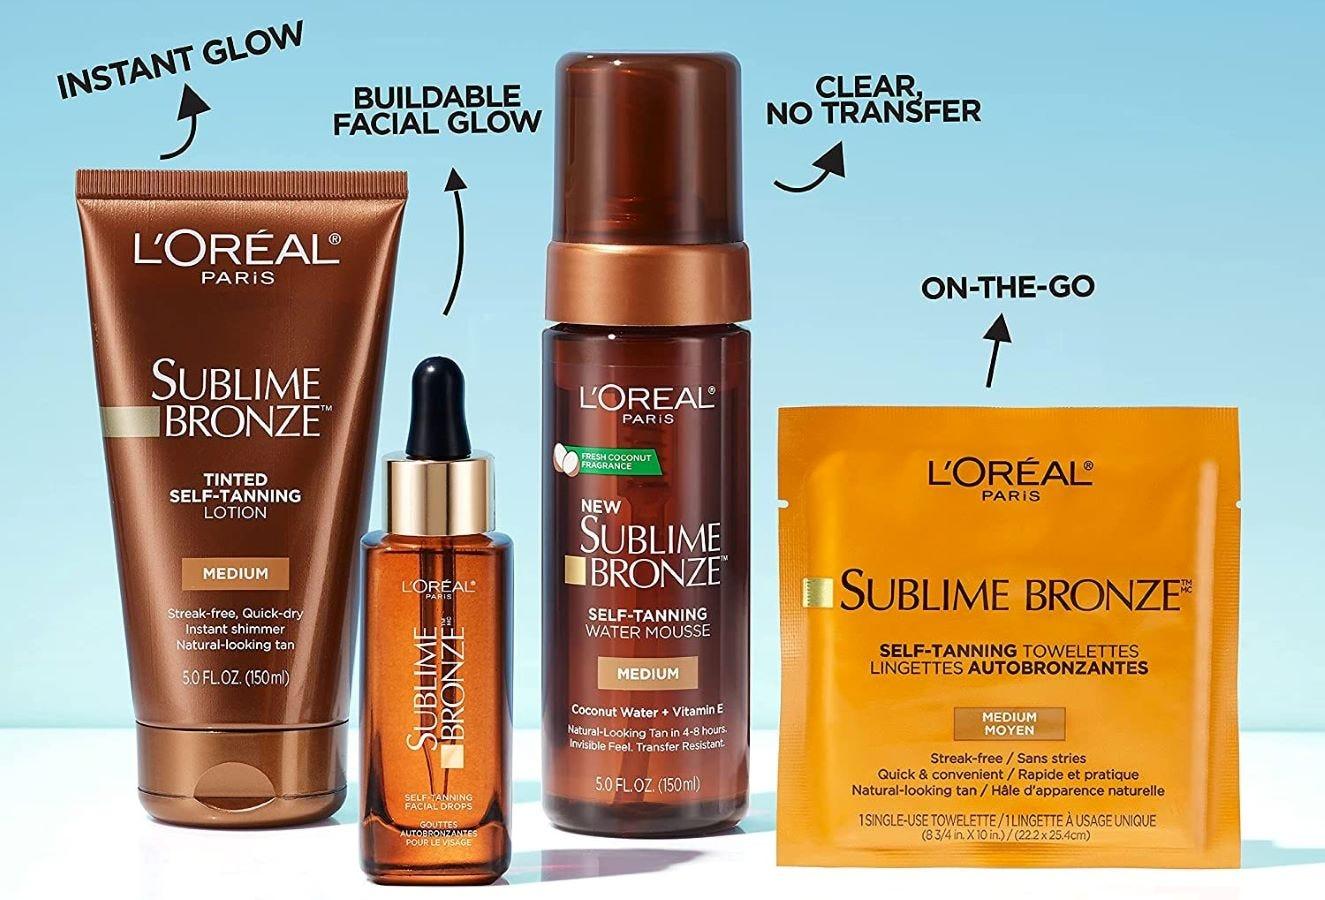 The L'Oréal Sublime Bronze line.